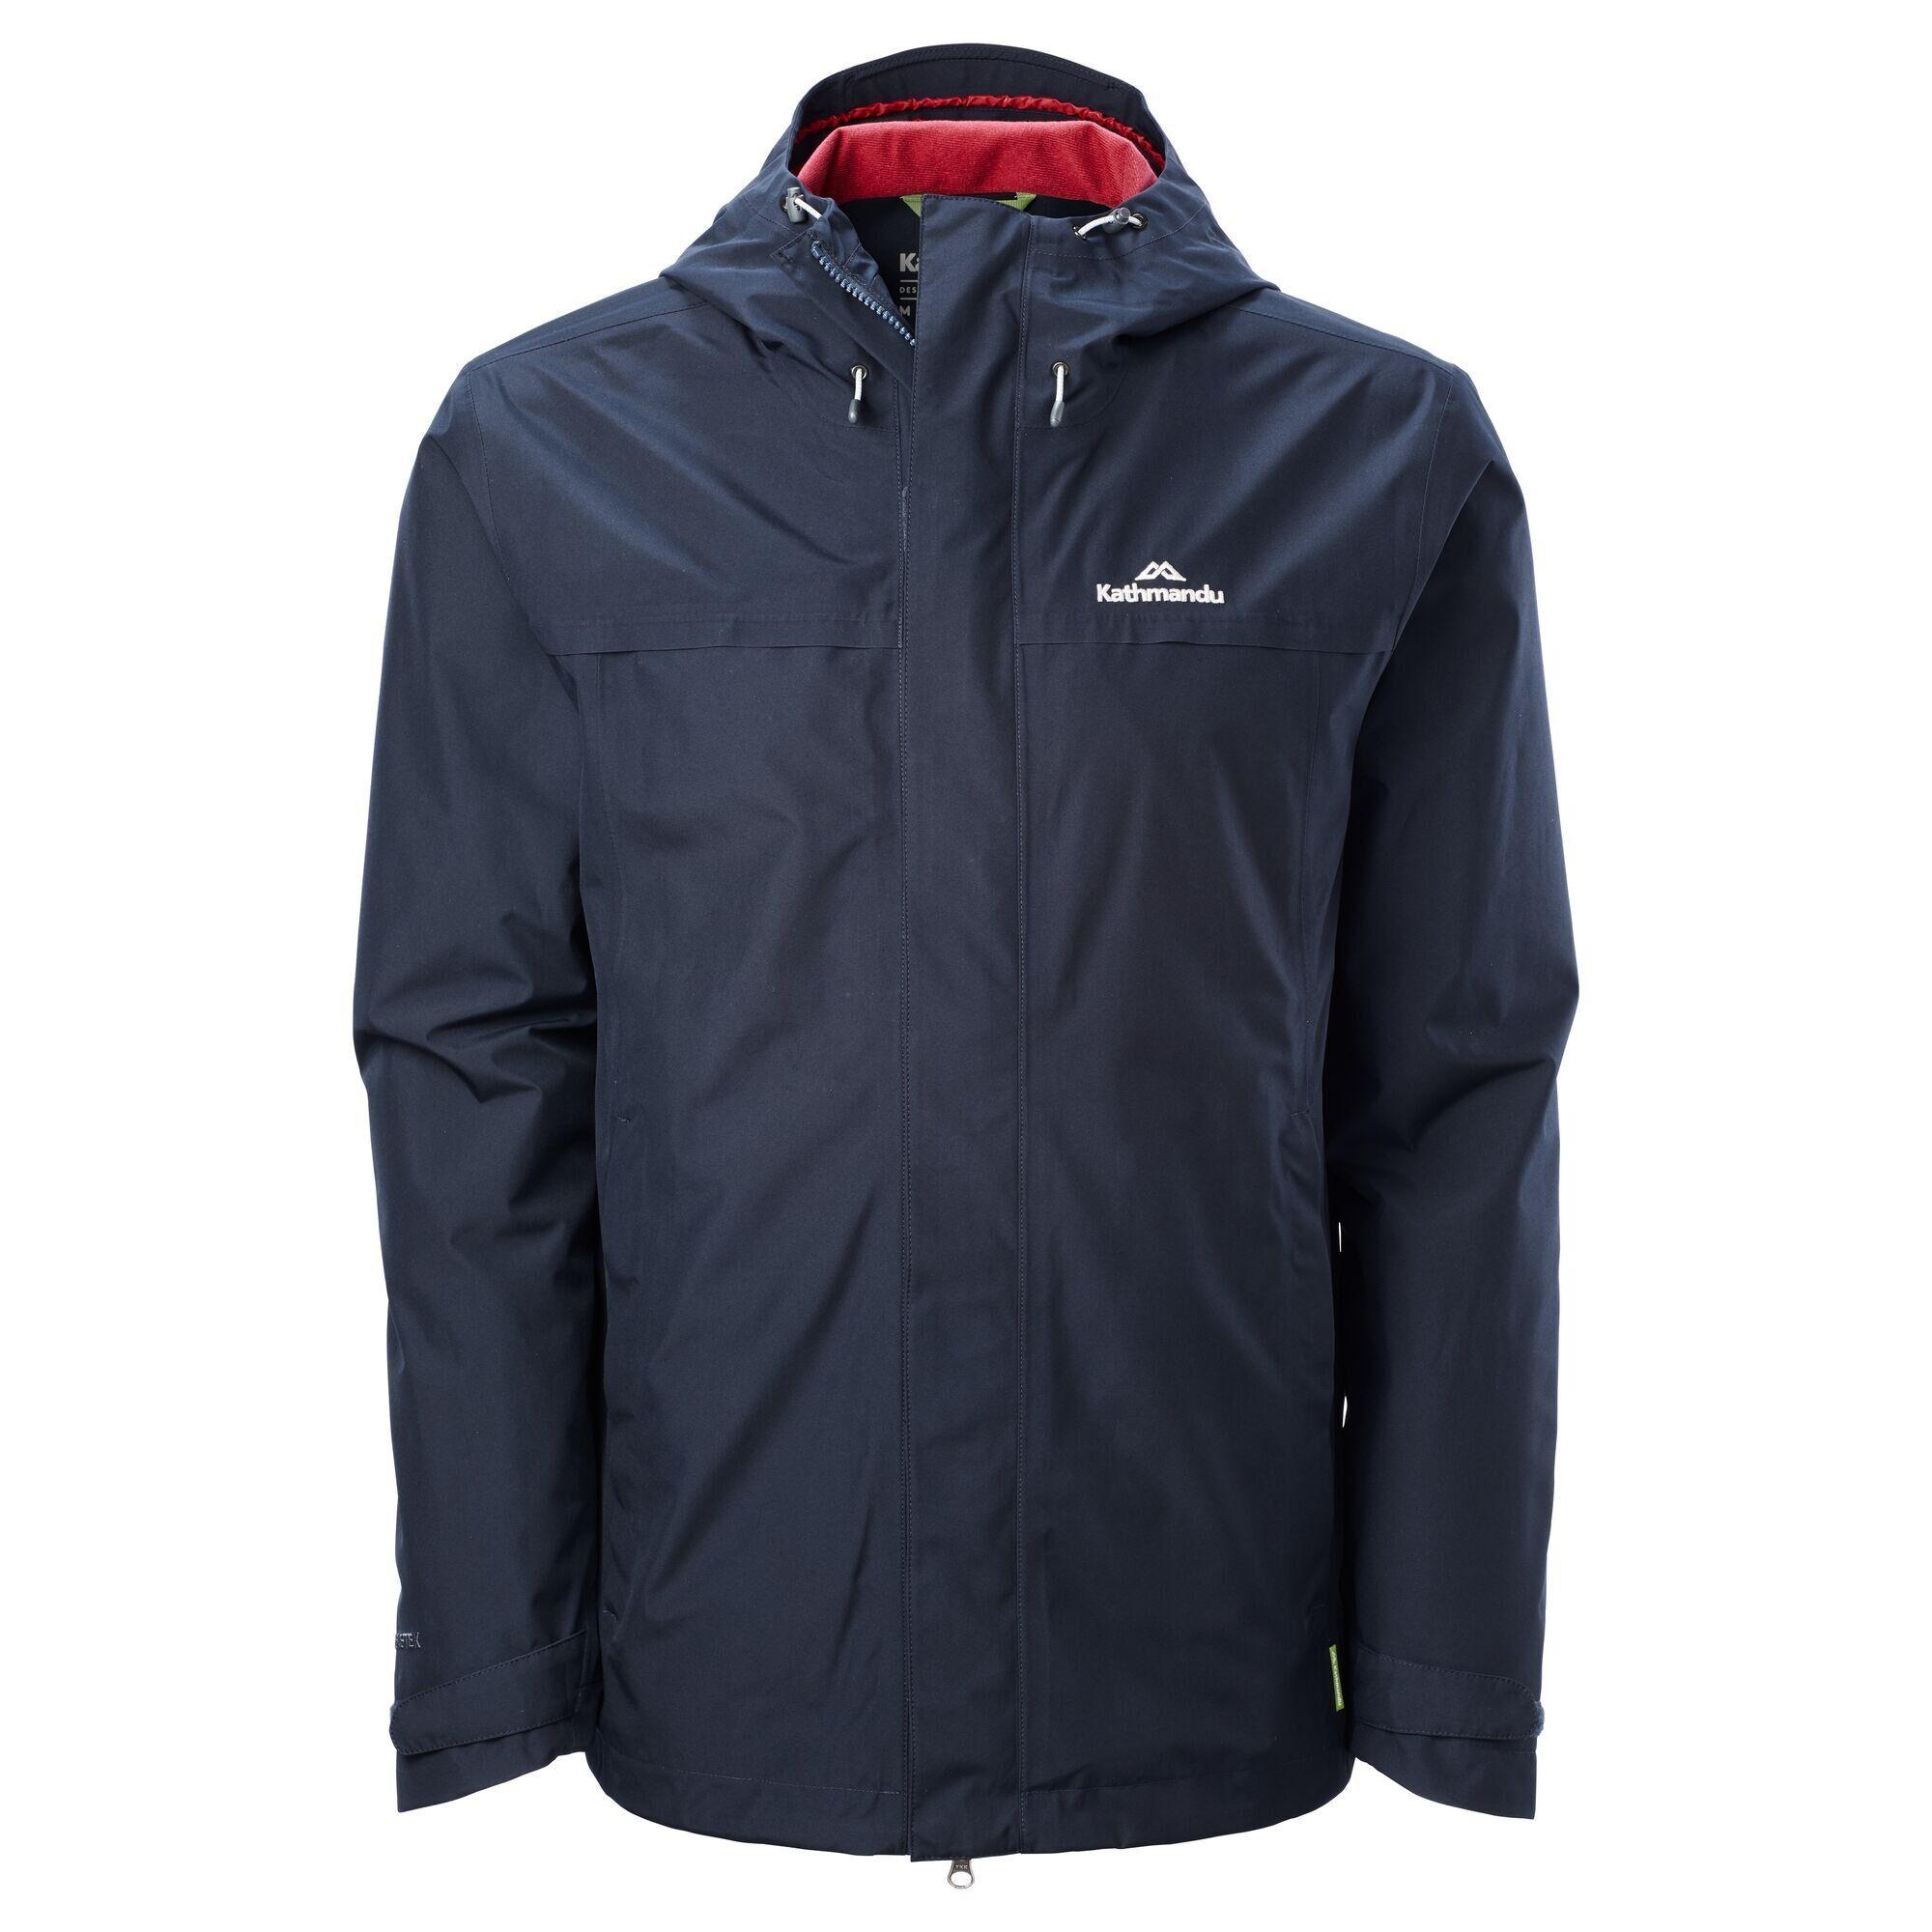 Kathmandu Bealey Men's GORE-TEX Jacket  - Midnight Navy - Size: Extra Large